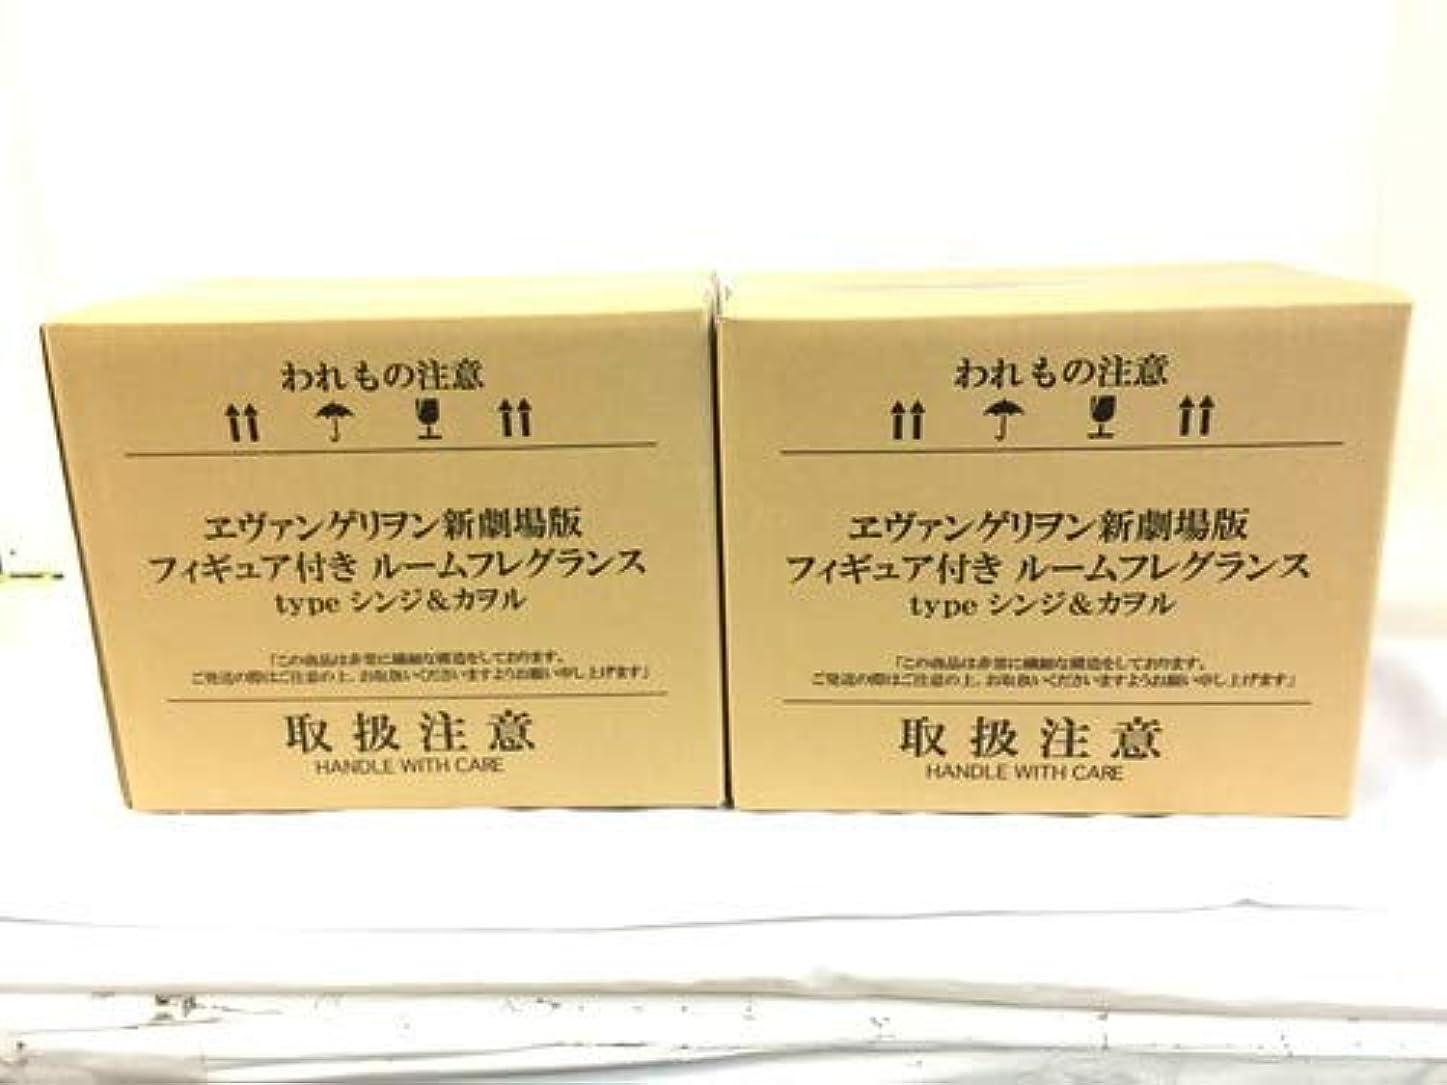 エヴァンゲリオン新劇場版 フィギュア付き ルームフレグランス type シンジ&カヲル 2個セット